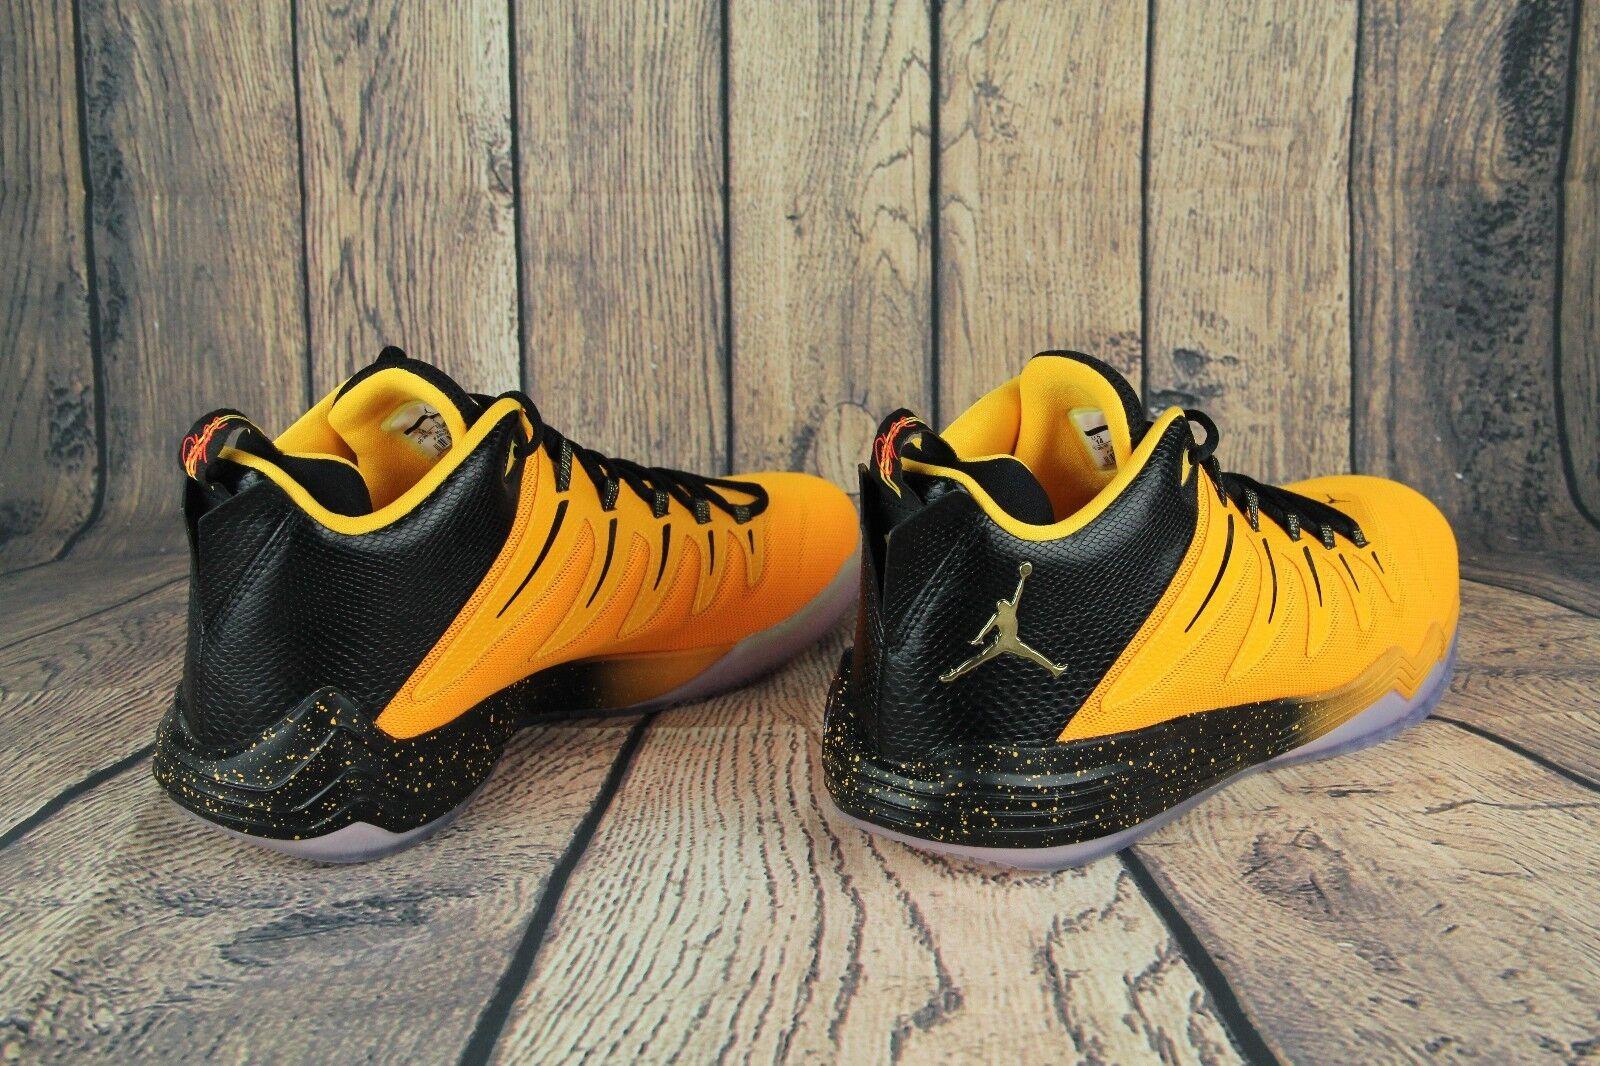 Para Hombre Zapato JORDAN CP3 810868-012 IX BASKETBALL AIR Amarillo/Negro 810868-012 CP3 tamaño 14  Nuevo d15e67